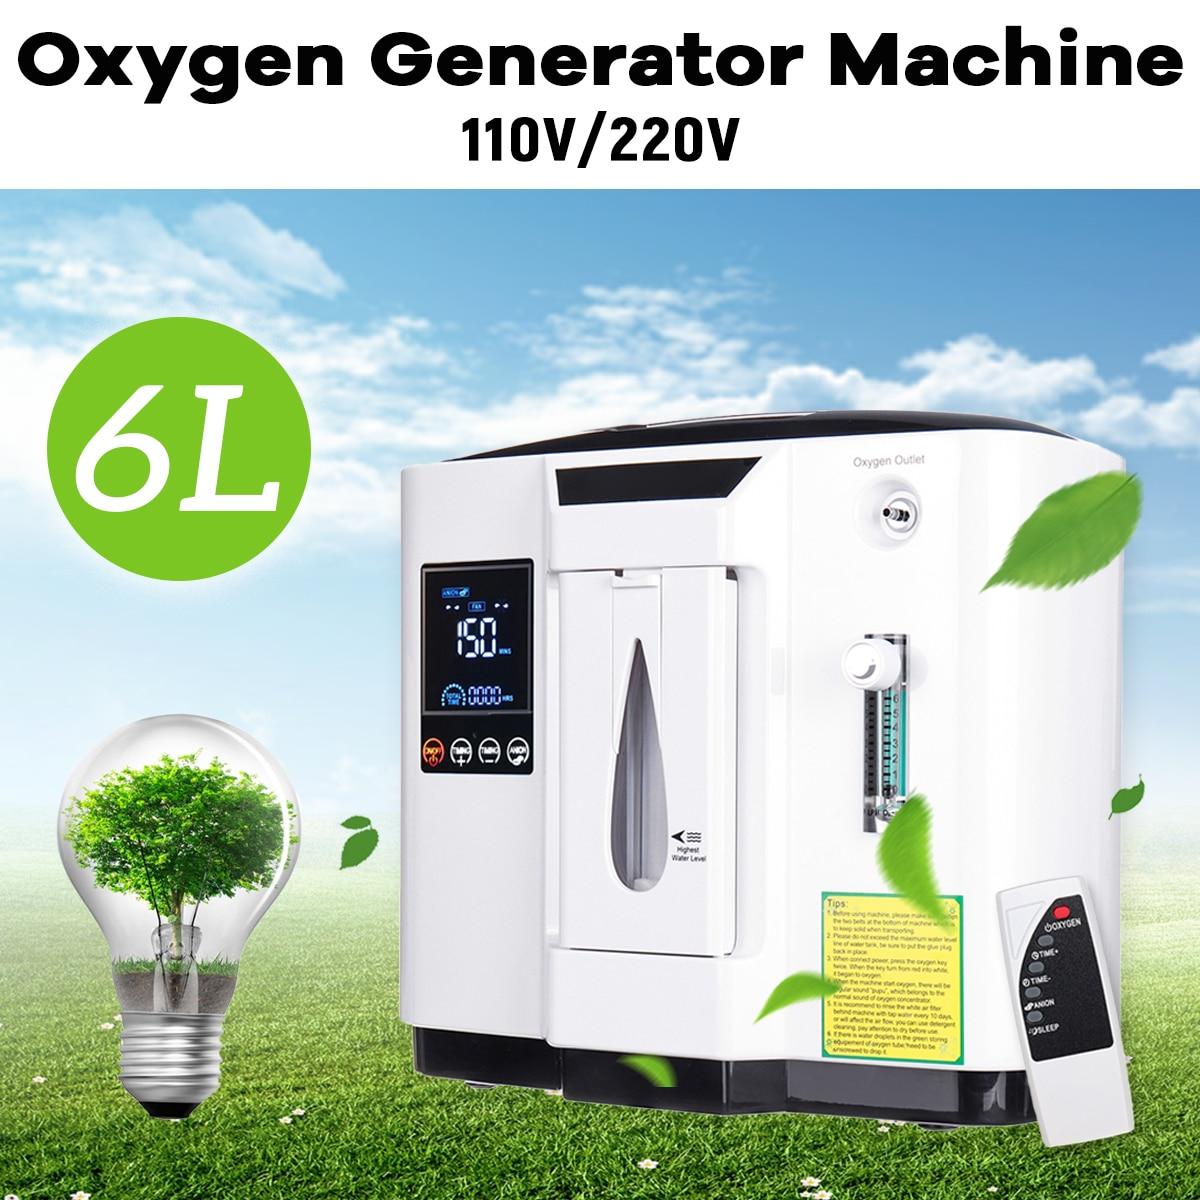 6L Regolabile Generatore di Ossigeno Portatile Concentratore Casa Macchina Medica Silenzioso